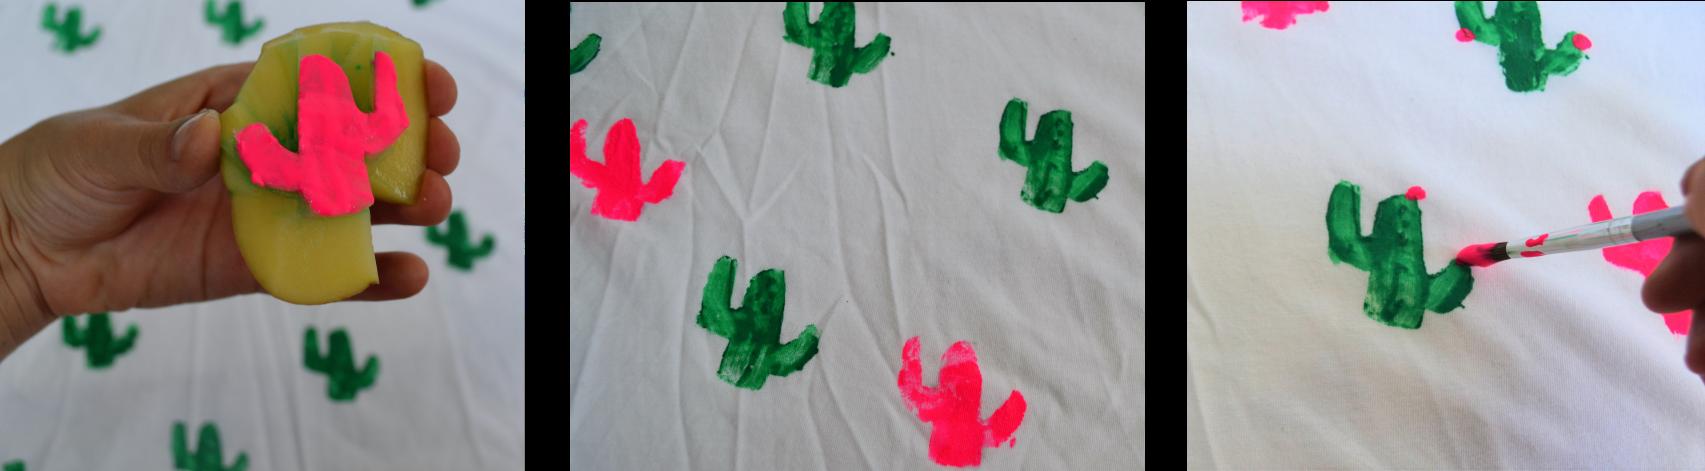 DIY tampons tee shirt cactus